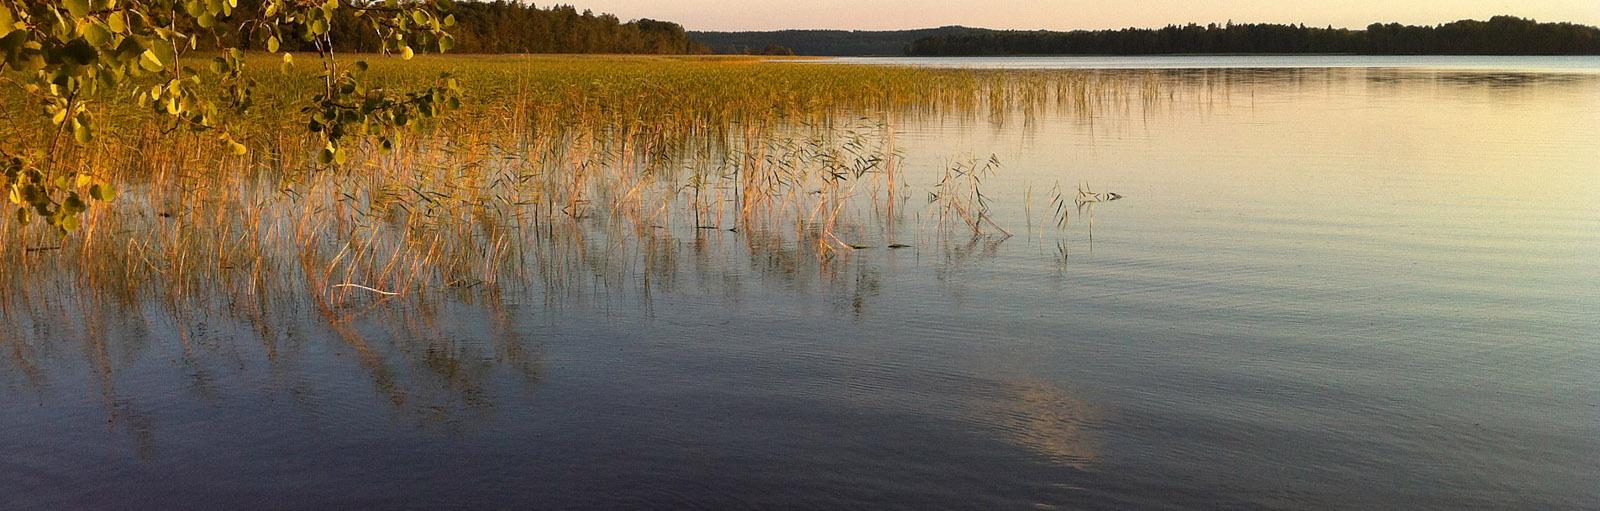 Sjön Lilla Bellen i Bellö.